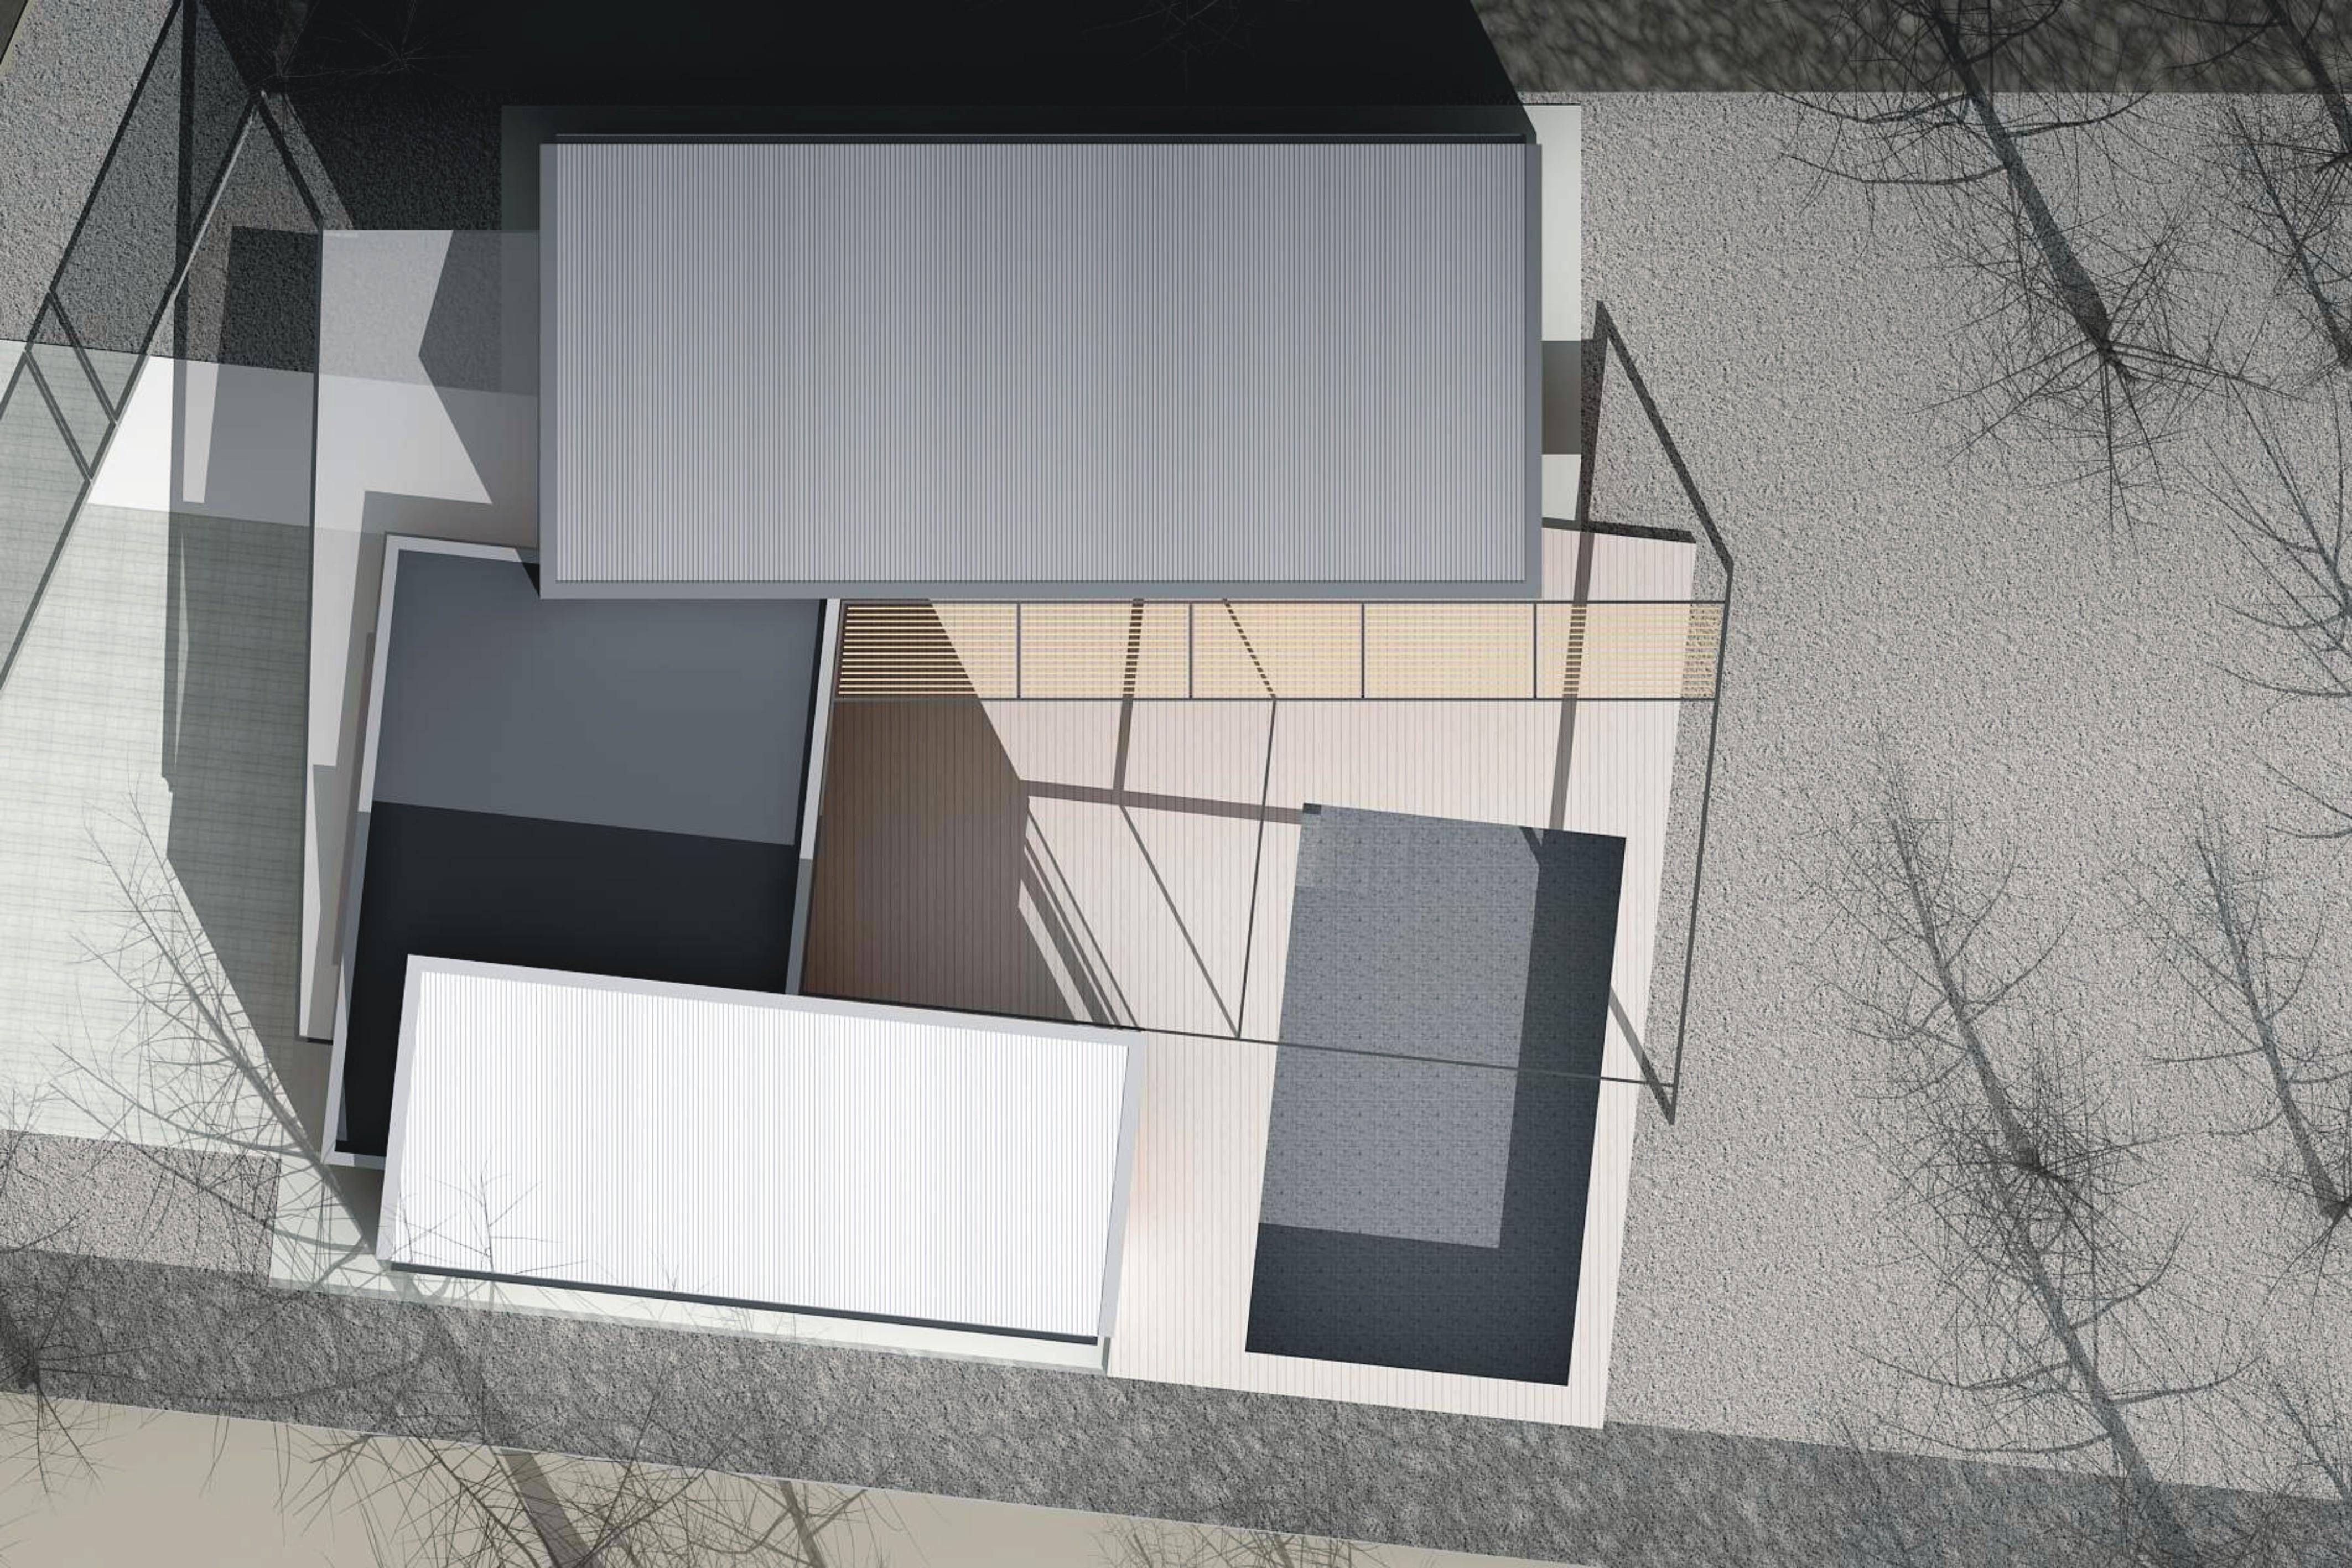 Projekt stavby rodinného domu IX 09